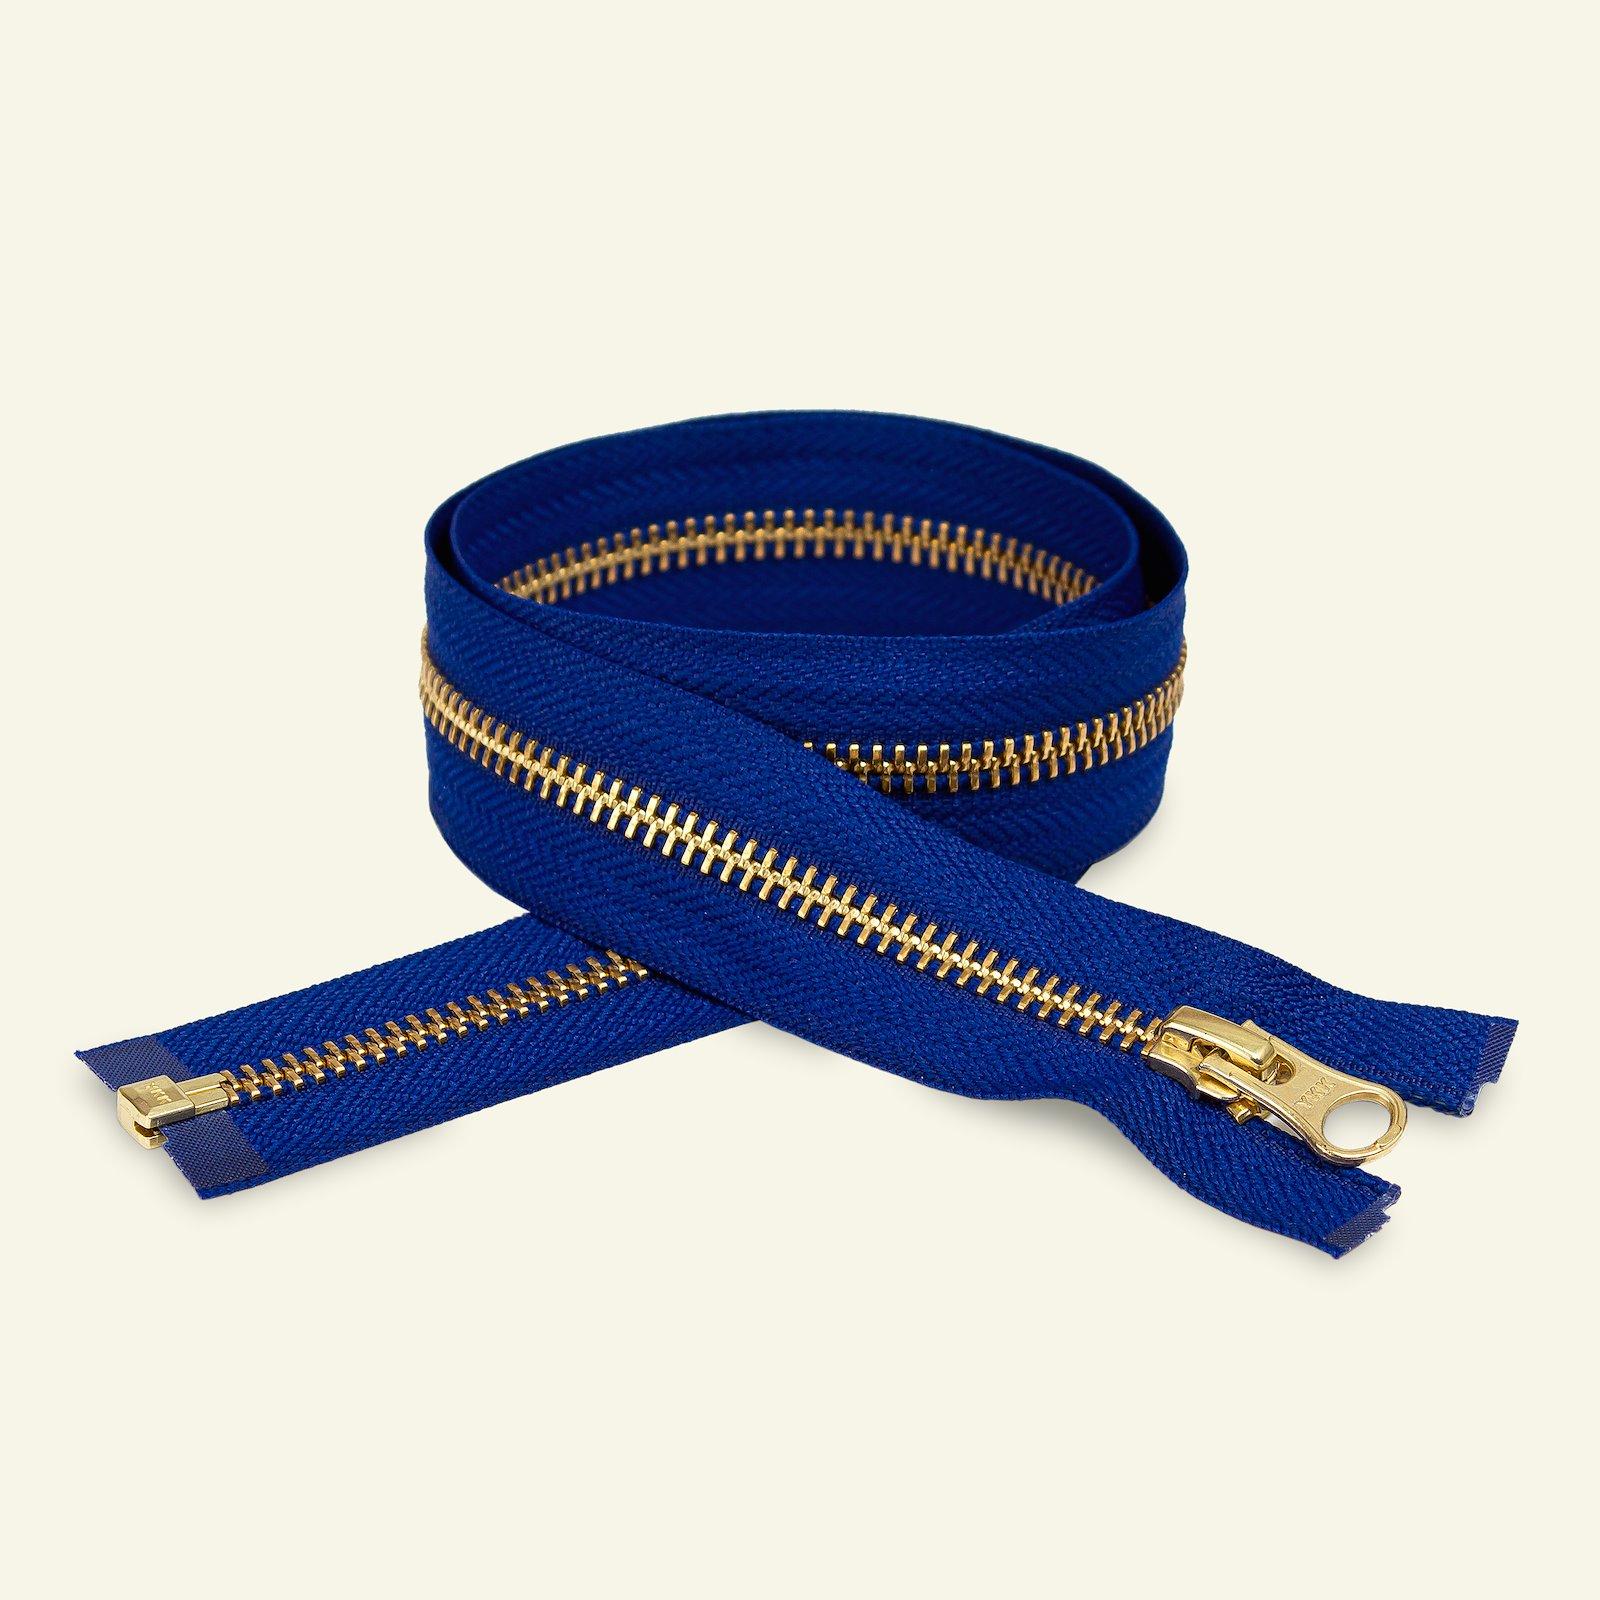 YKK Zip 6mm open end 45cm cobalt/gold x59422_pack